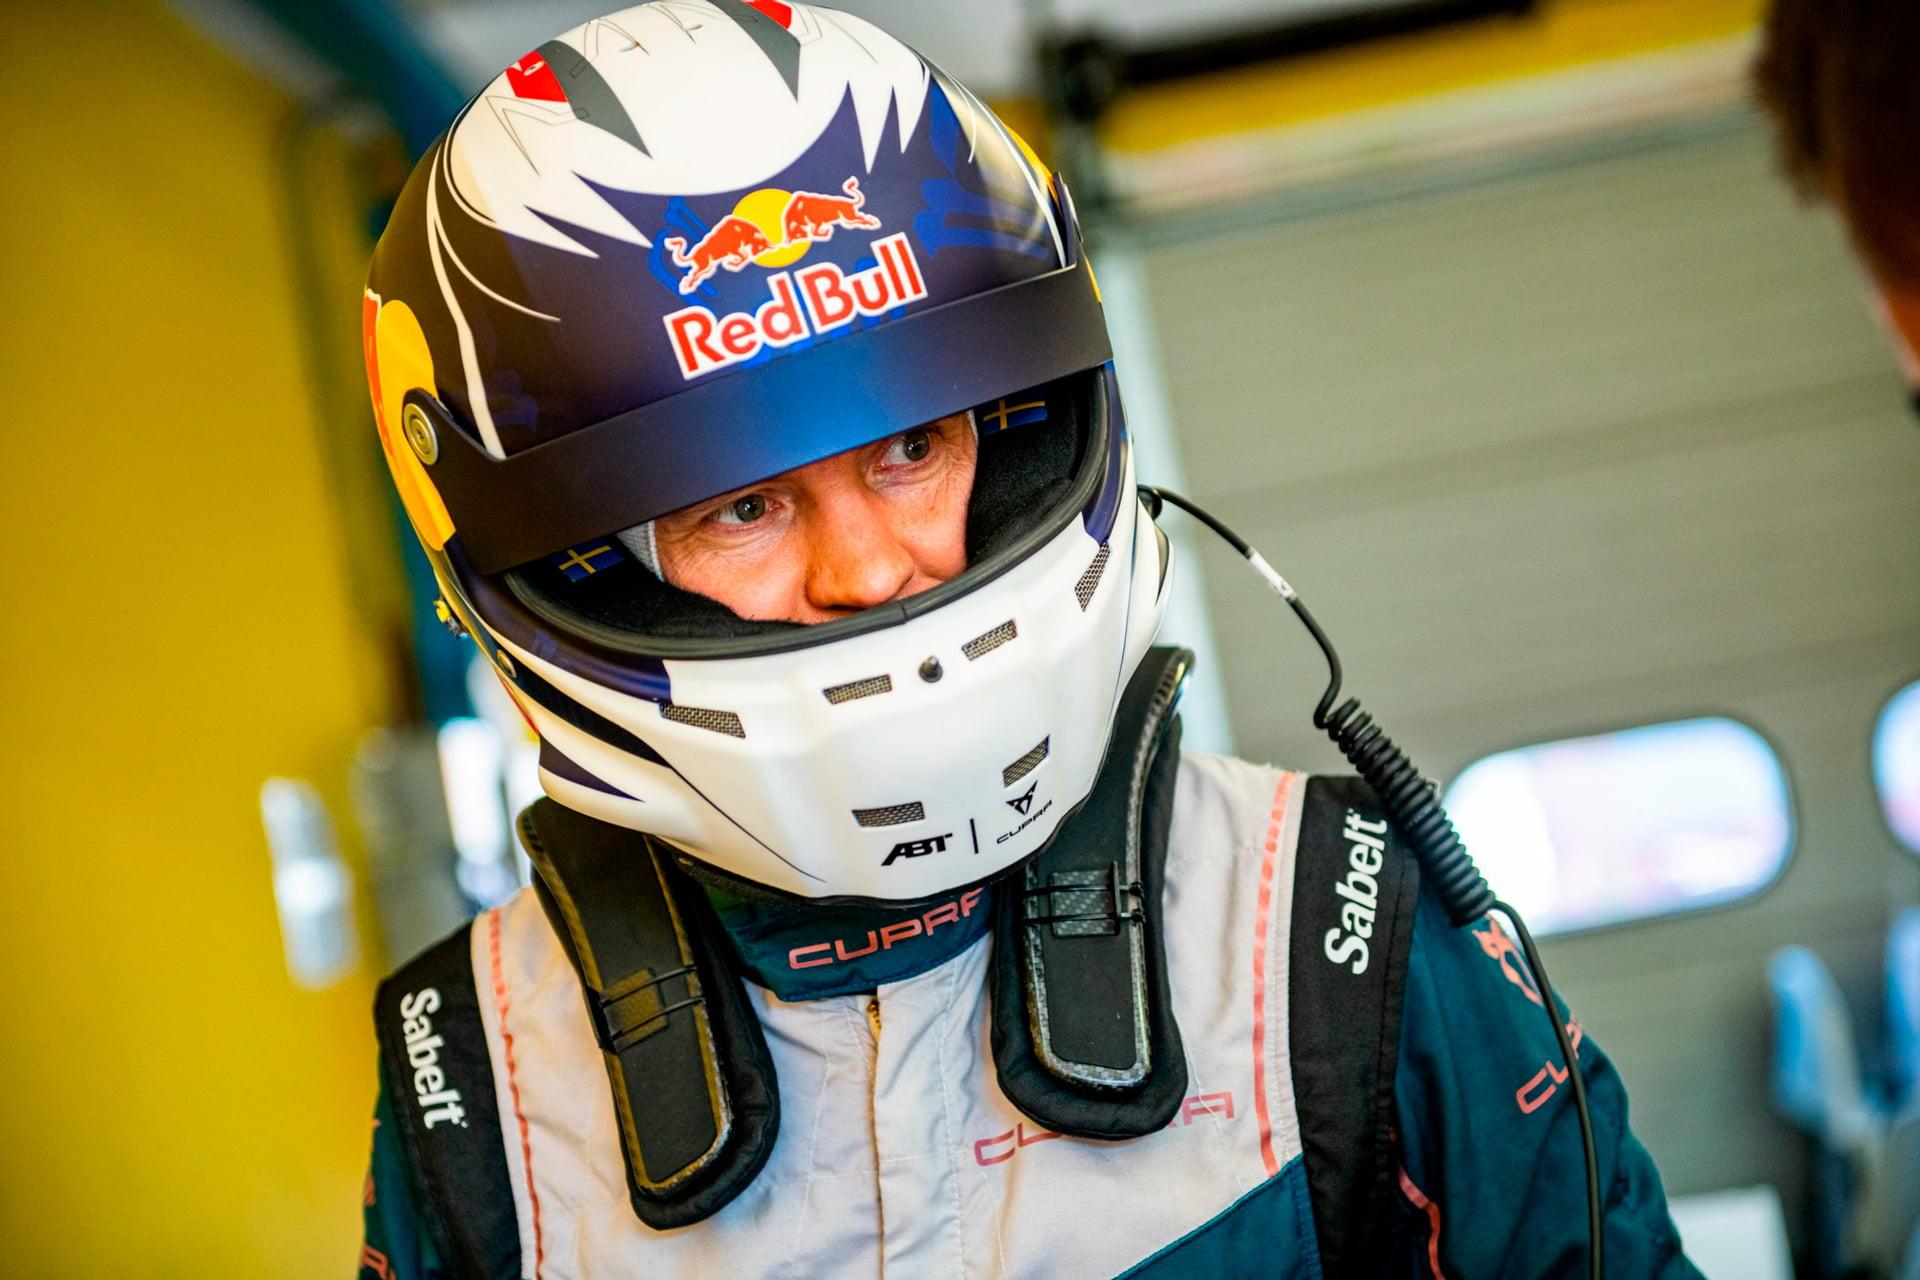 Ekstrom es otro de los pilotos CUPRA